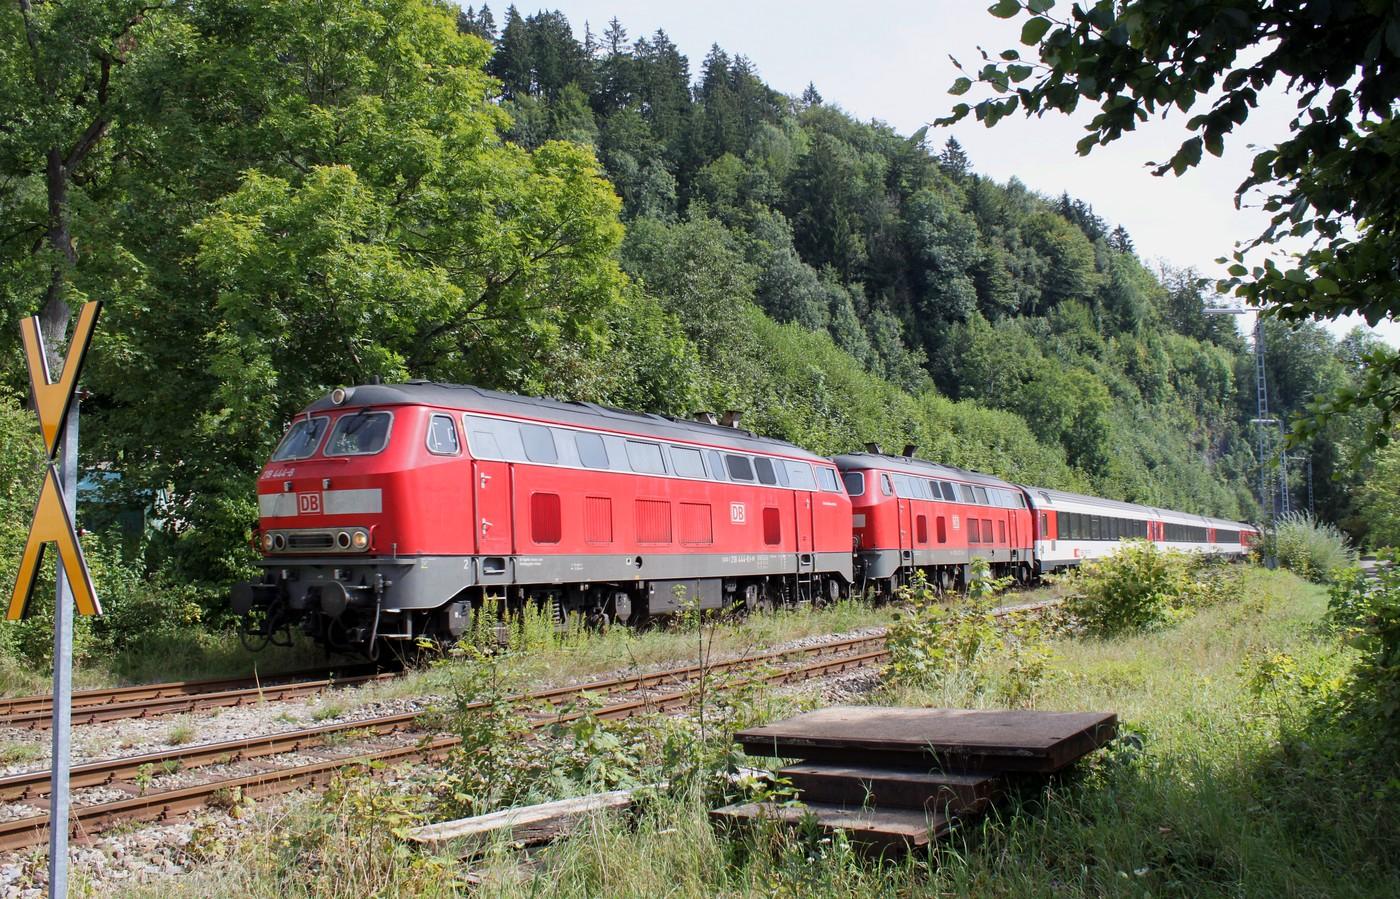 http://www.eisenbahn-im-bild.de/Temp/B_11_Oberstau_IMG_4446.jpg